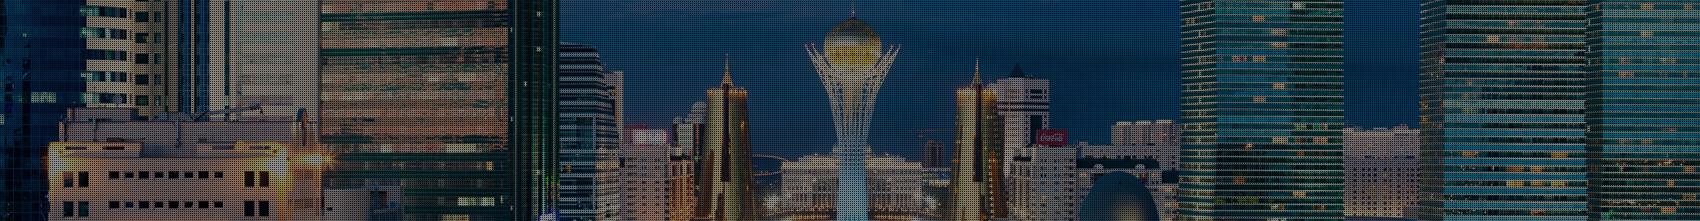 日本カザフスタン投資環境整備ネットワークとは